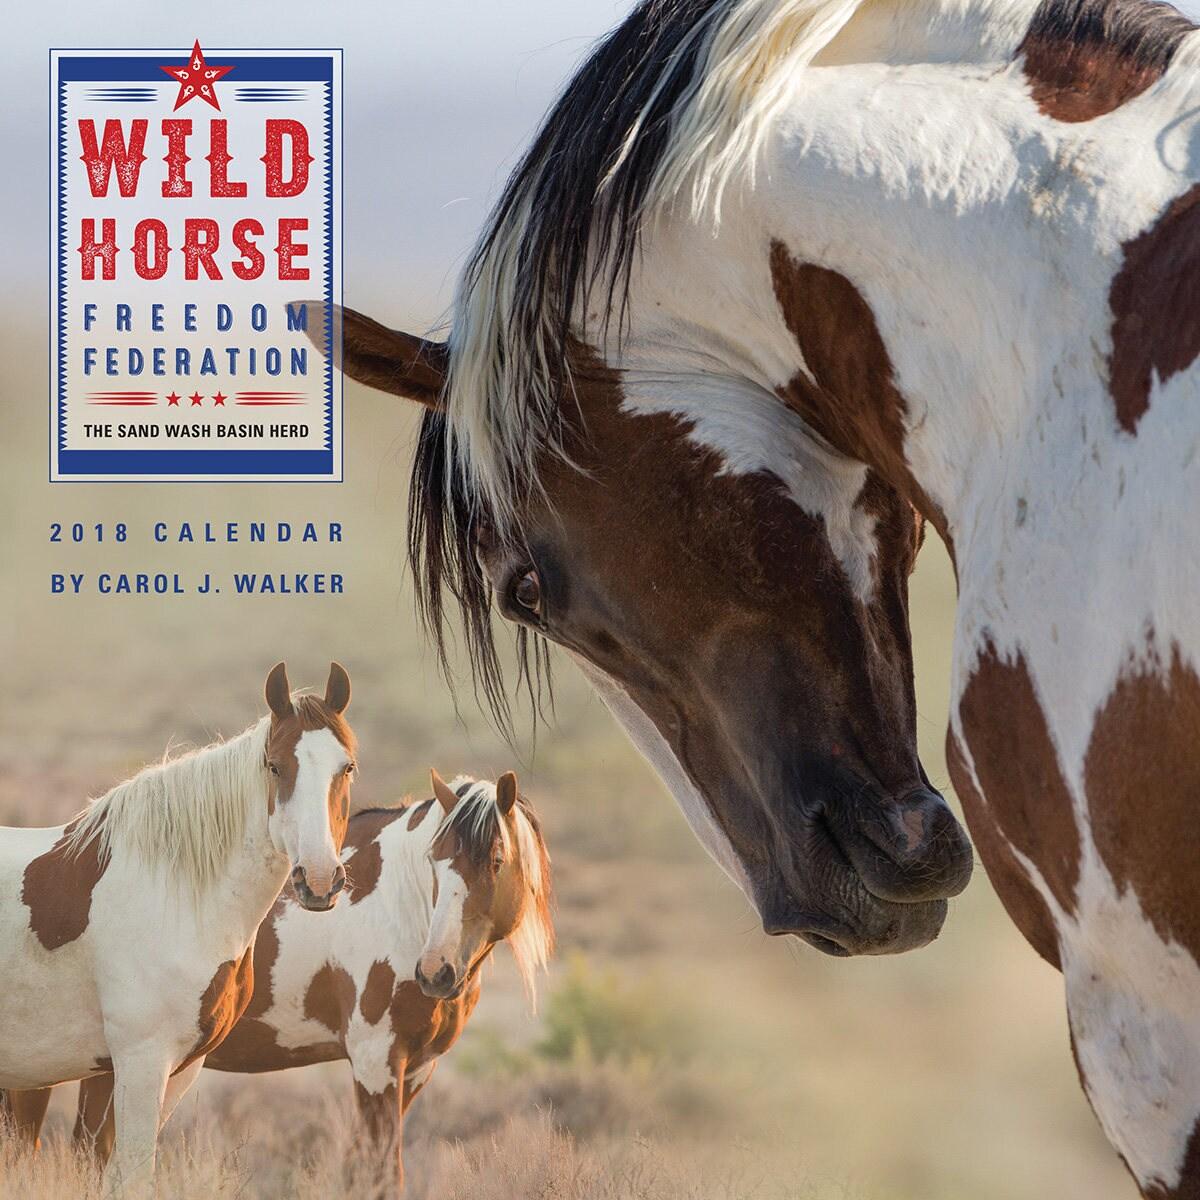 neu wildes pferd freiheit f deration 2018 wild horse. Black Bedroom Furniture Sets. Home Design Ideas